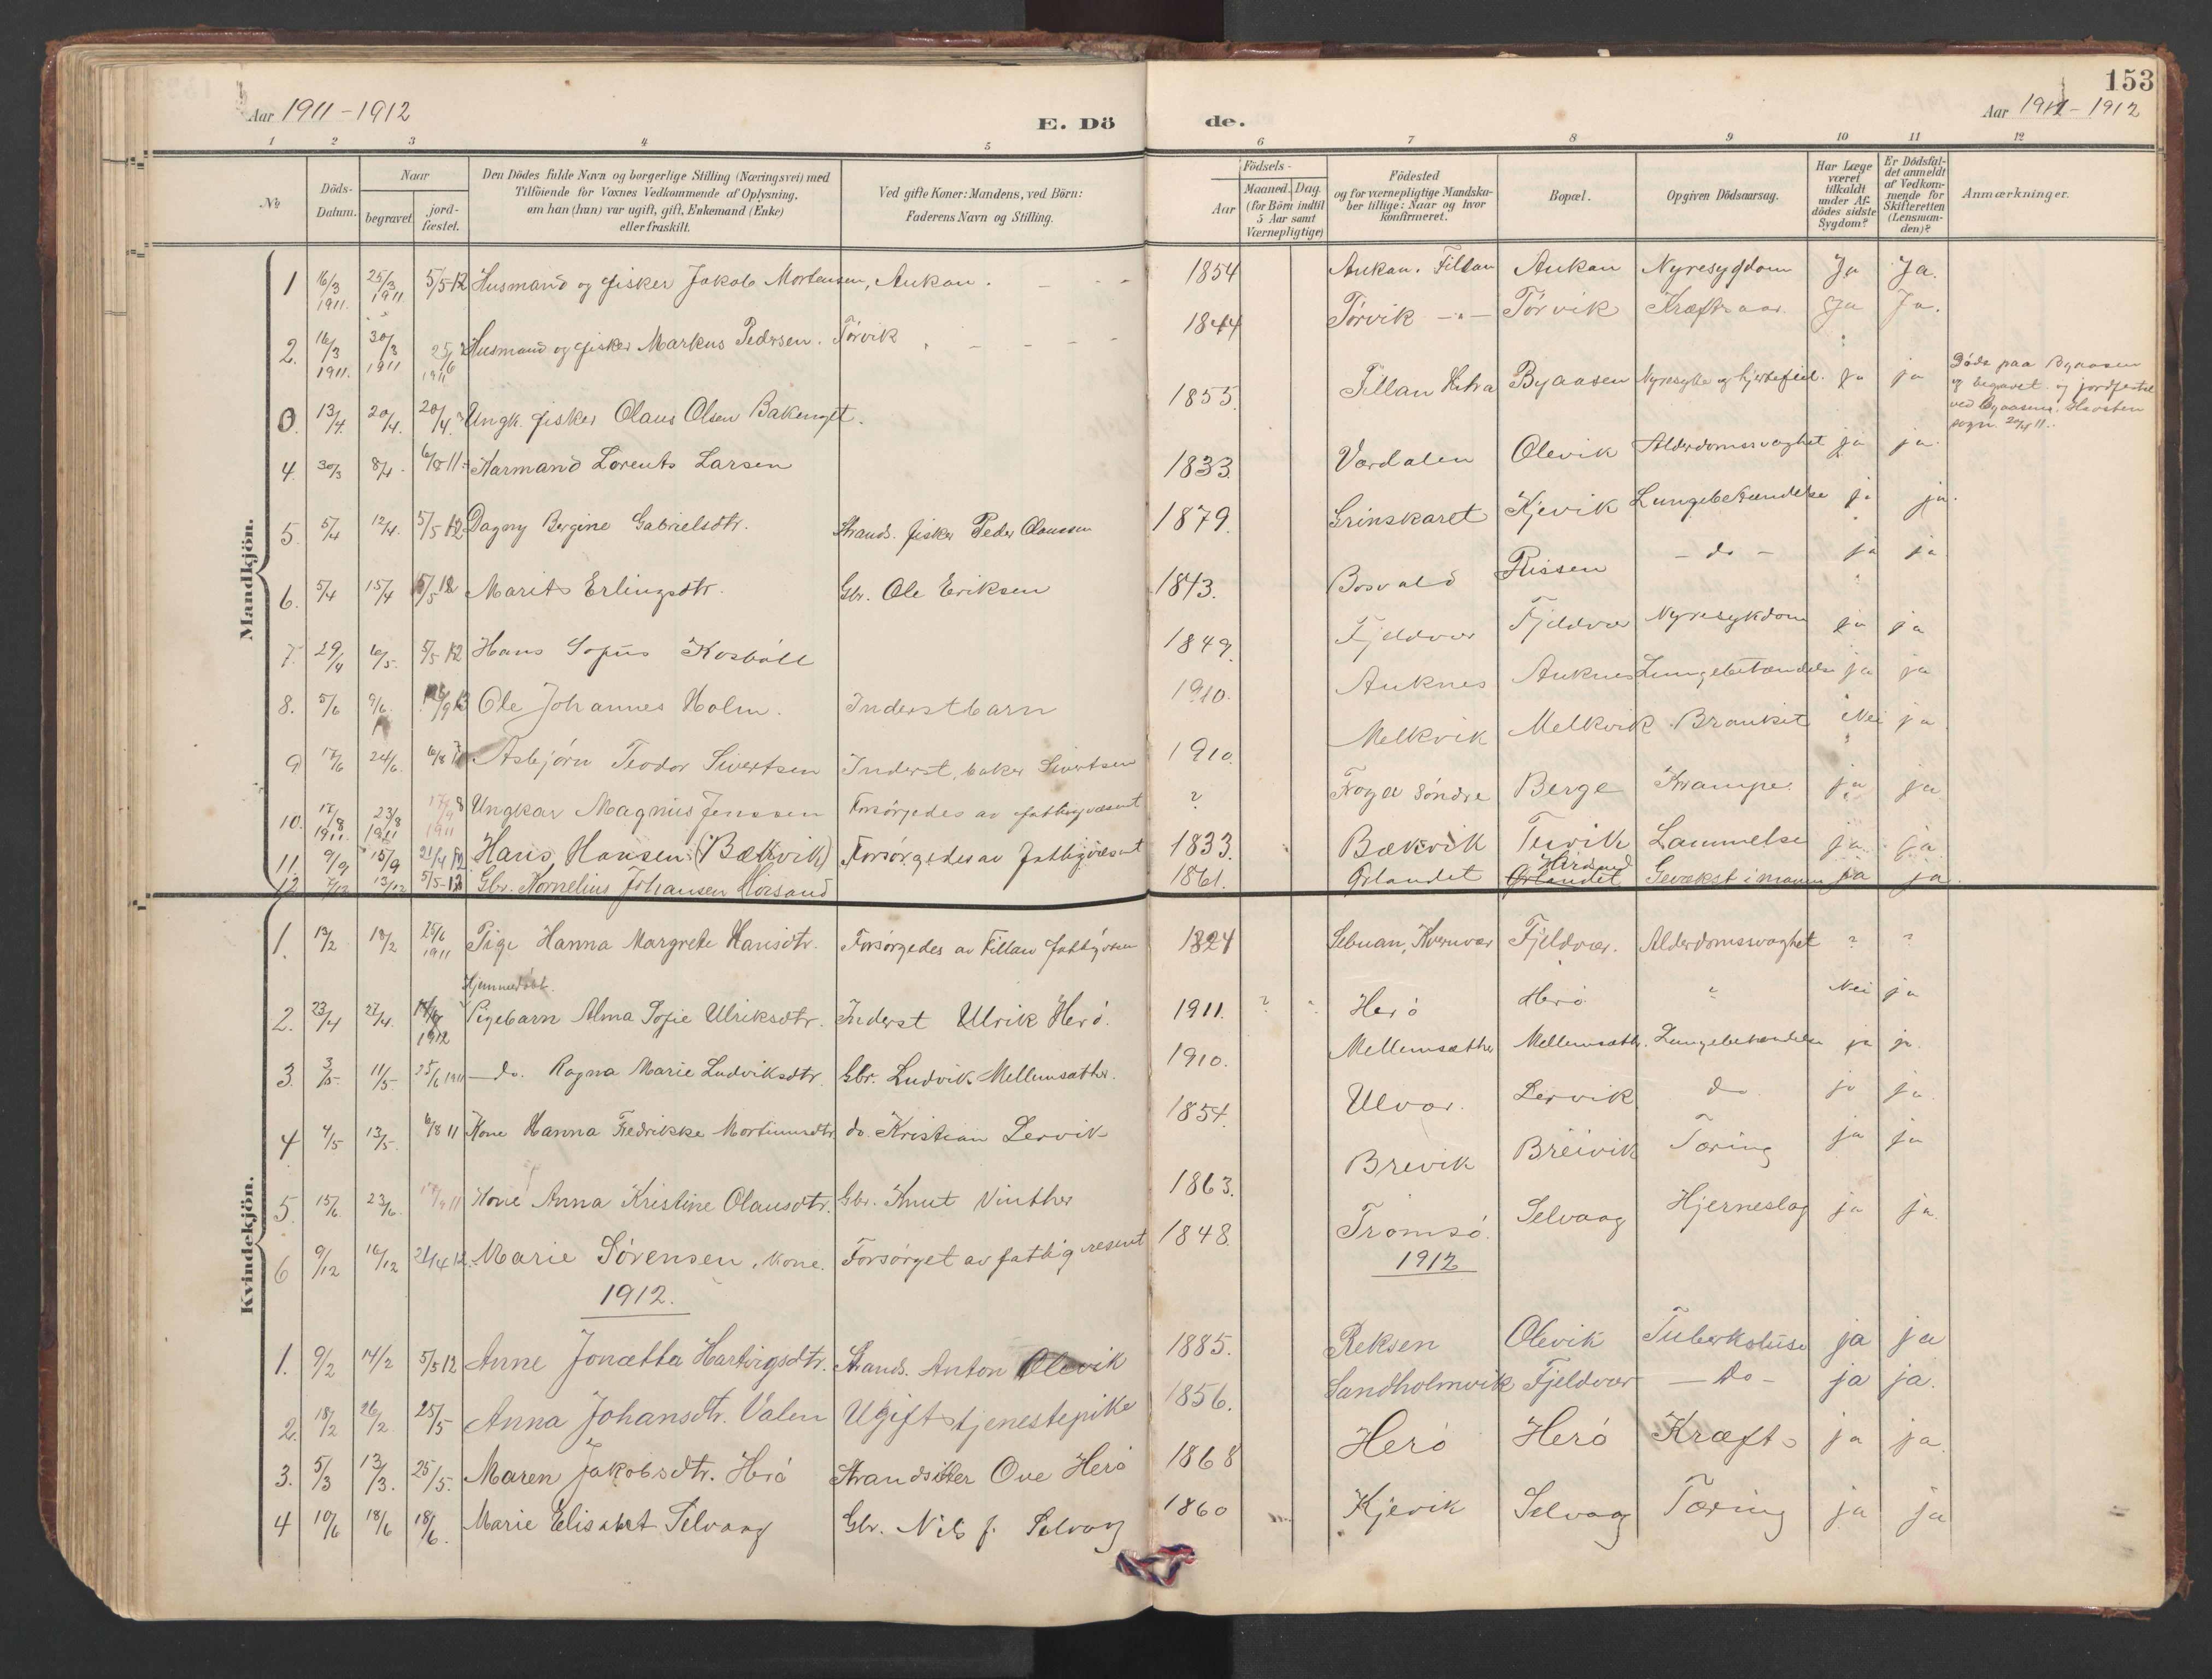 SAT, Ministerialprotokoller, klokkerbøker og fødselsregistre - Sør-Trøndelag, 638/L0571: Klokkerbok nr. 638C03, 1901-1930, s. 153